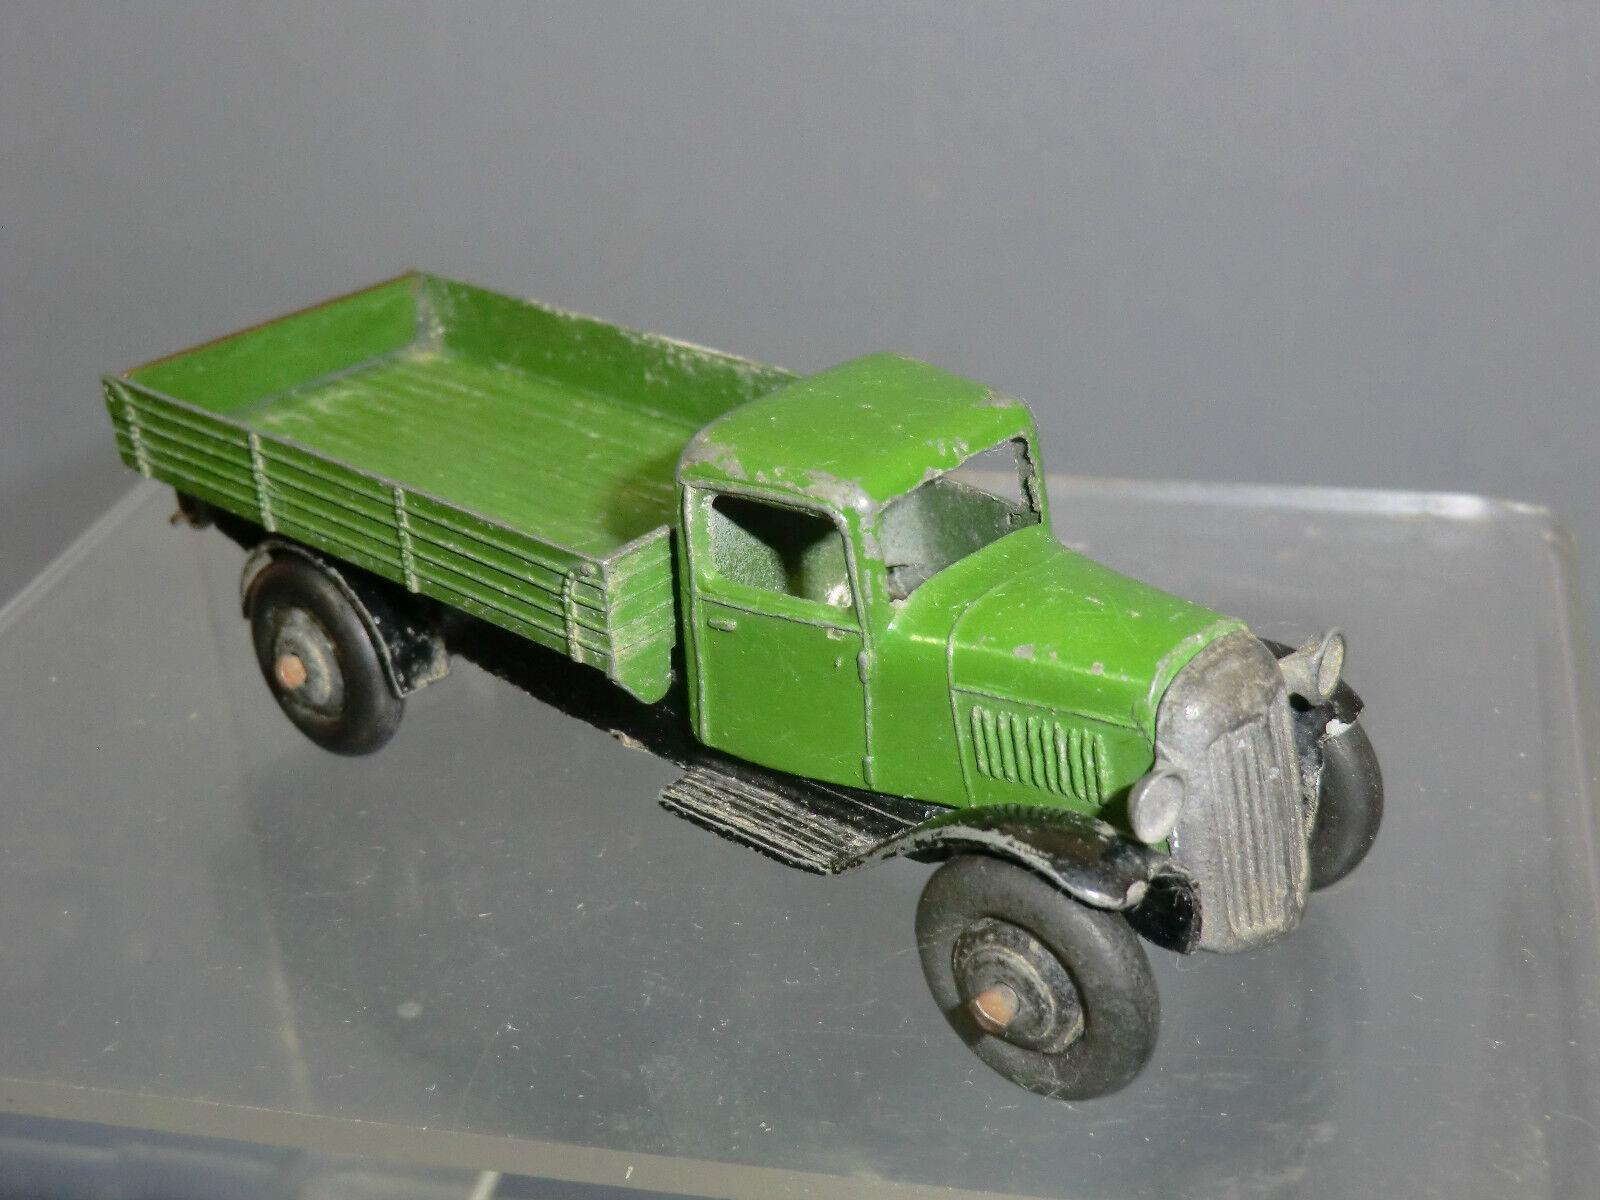 Ein schäbiger spielzeug modell no.25e trinkgeld wagen  dunkelgrüne version